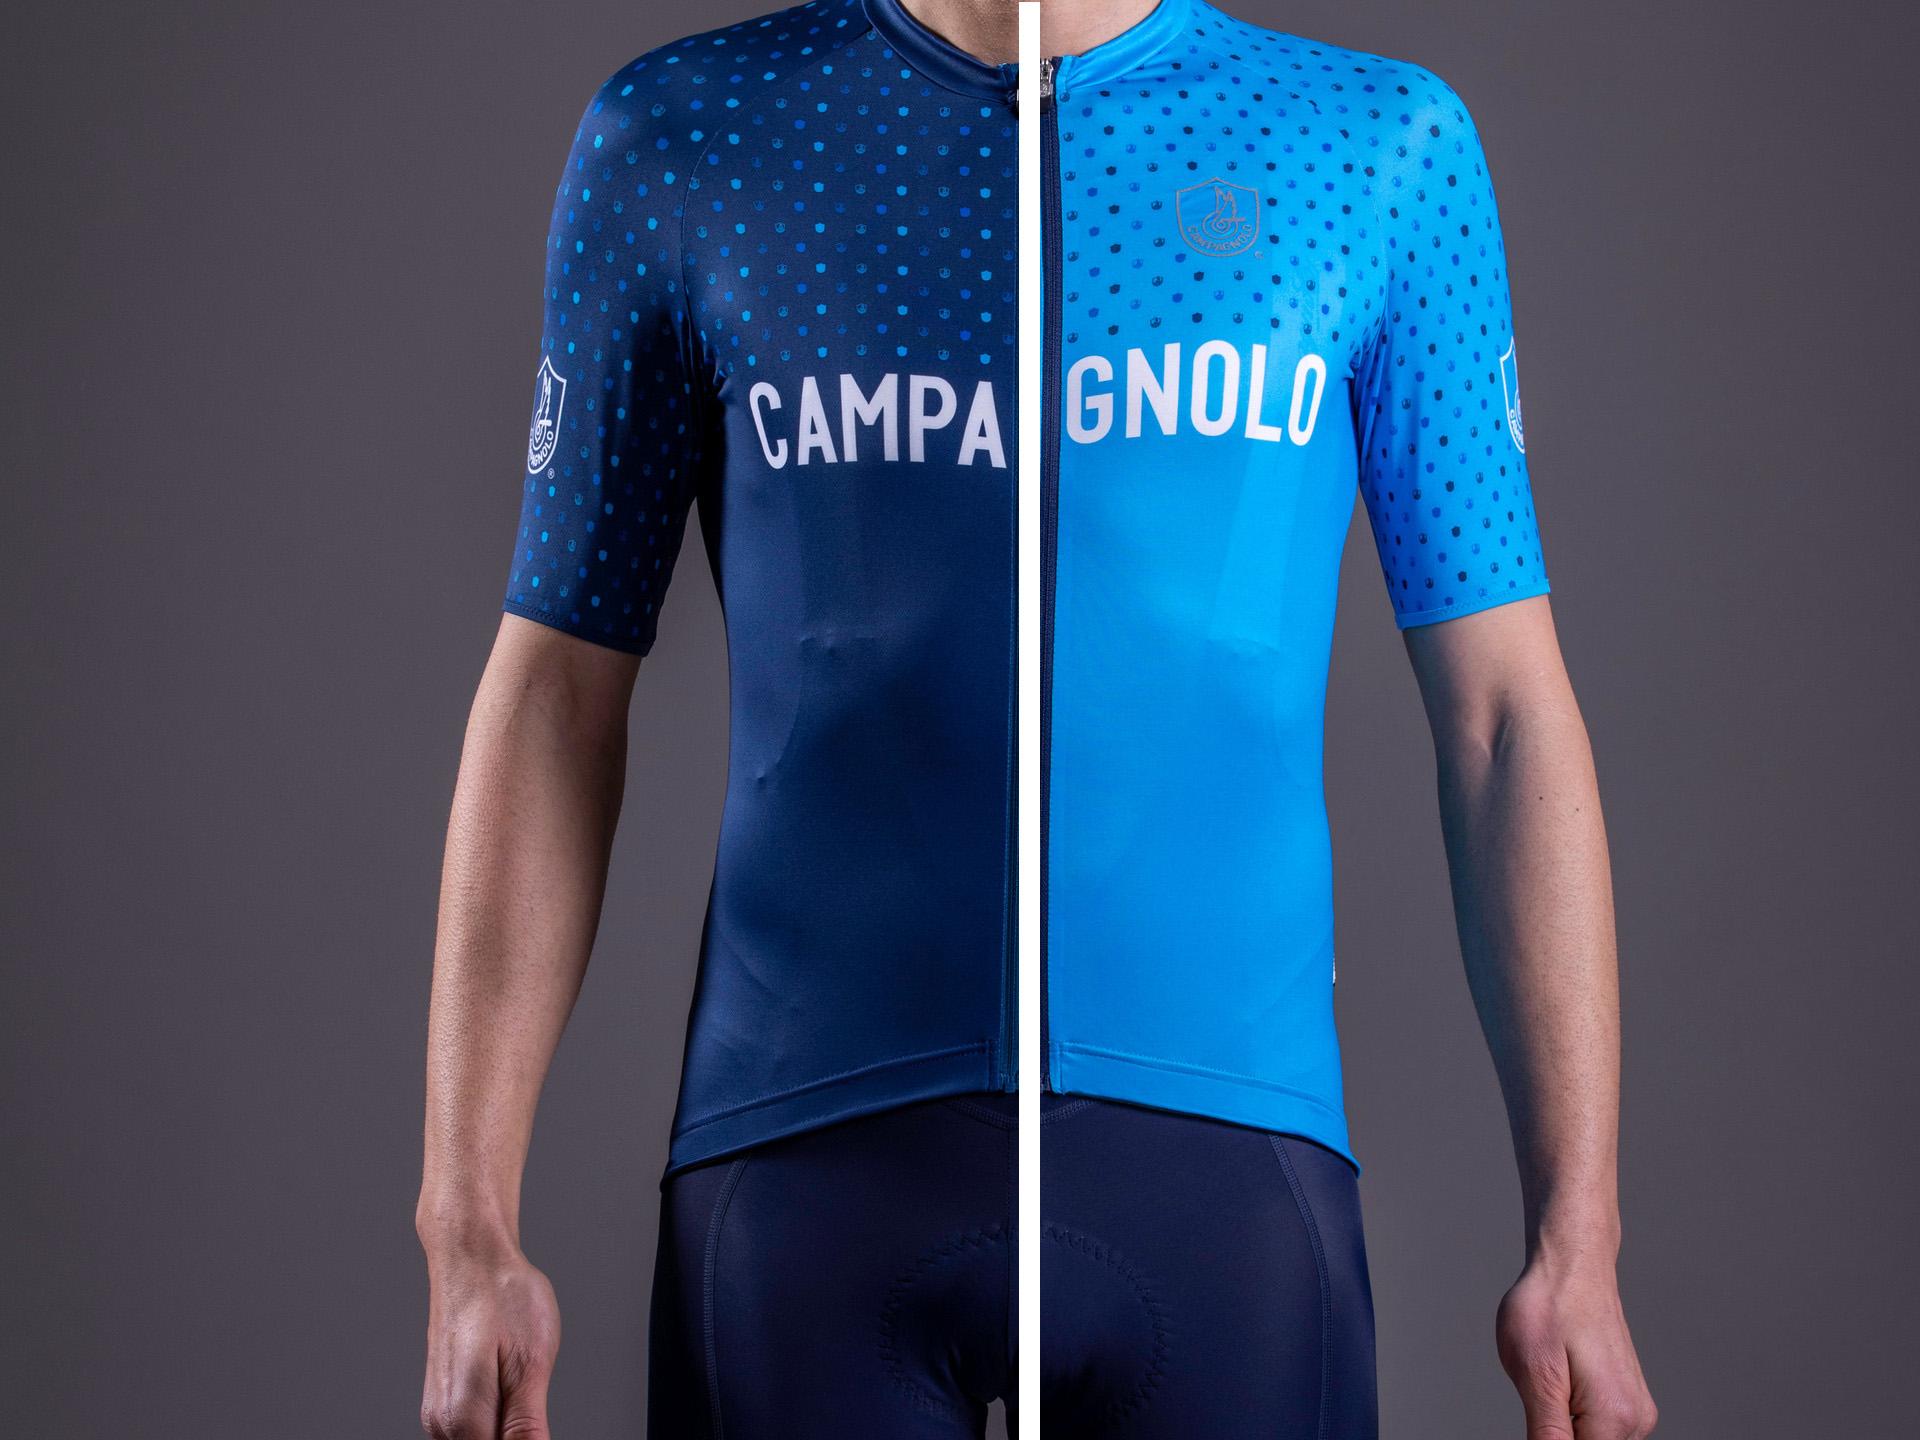 CAMPAGNOLO カンパニョーロ QUARZO クアルツォ サイクリング ジャージ